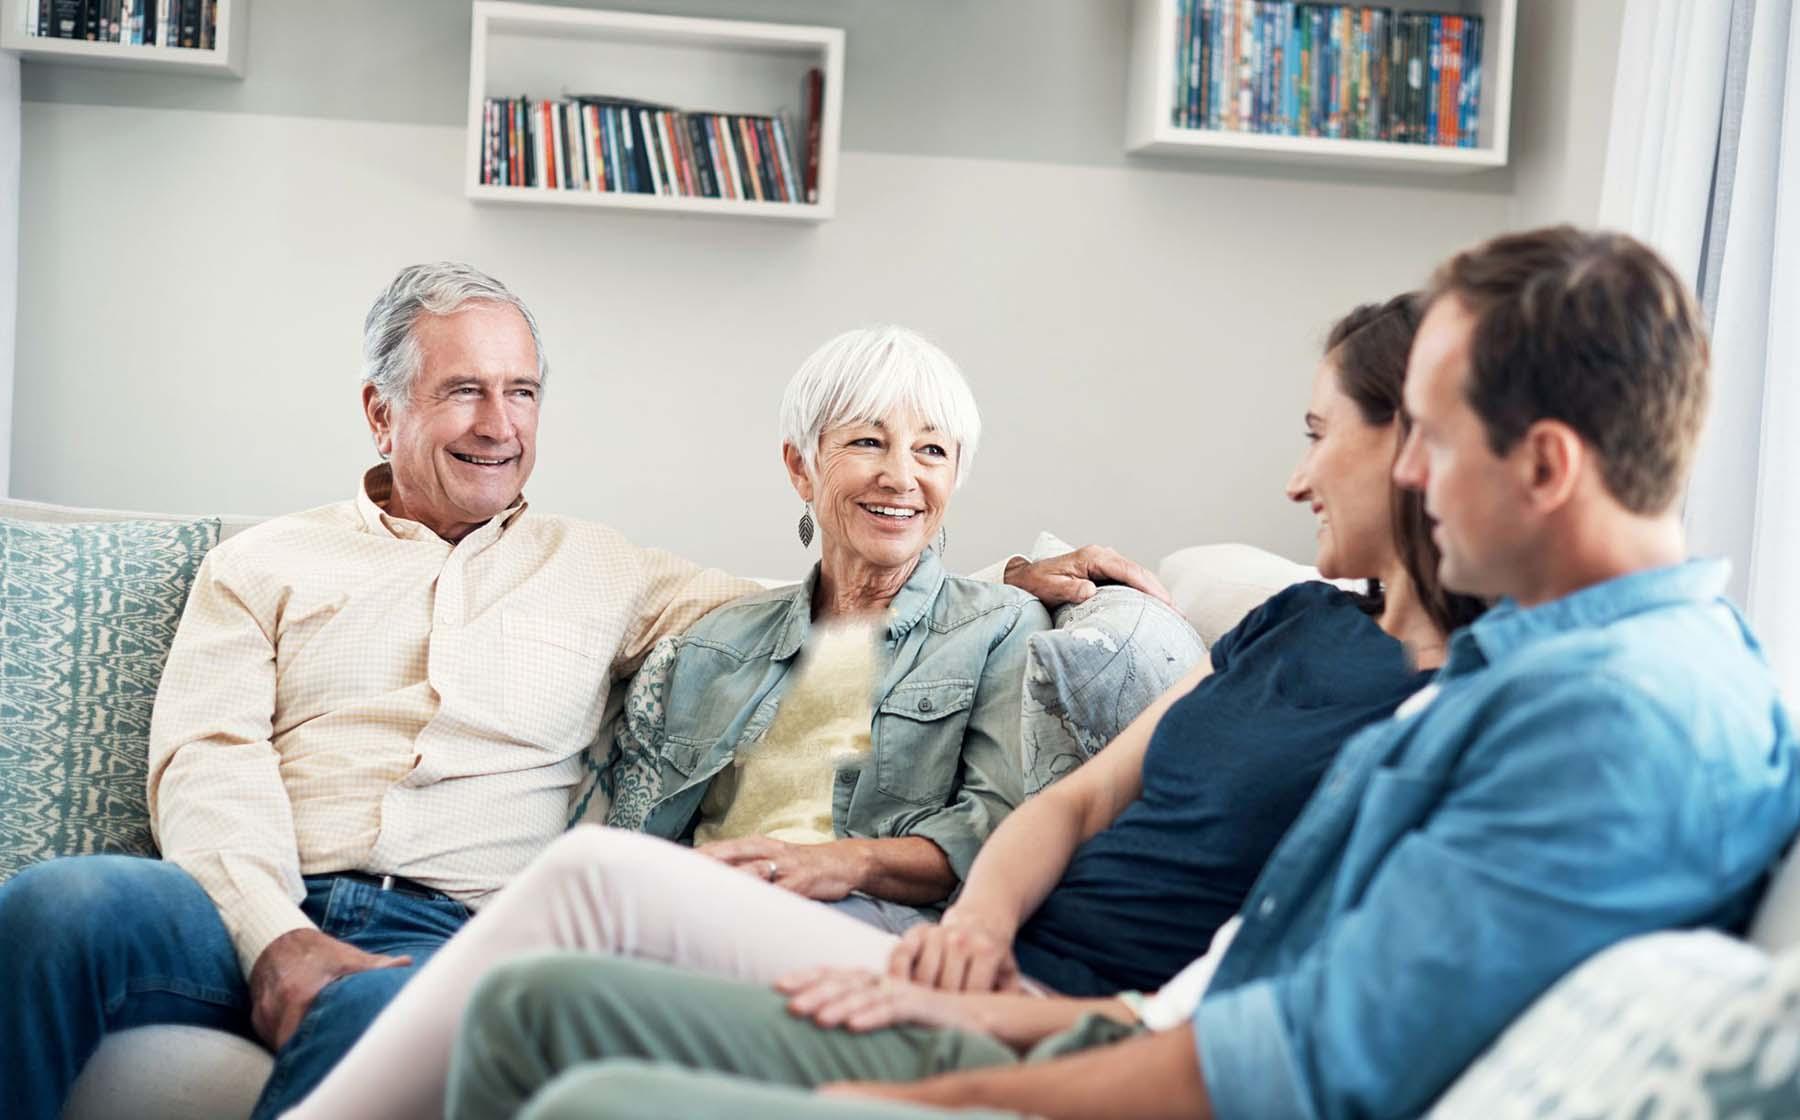 نحوه برخورد با زنان وابسته به خانواده